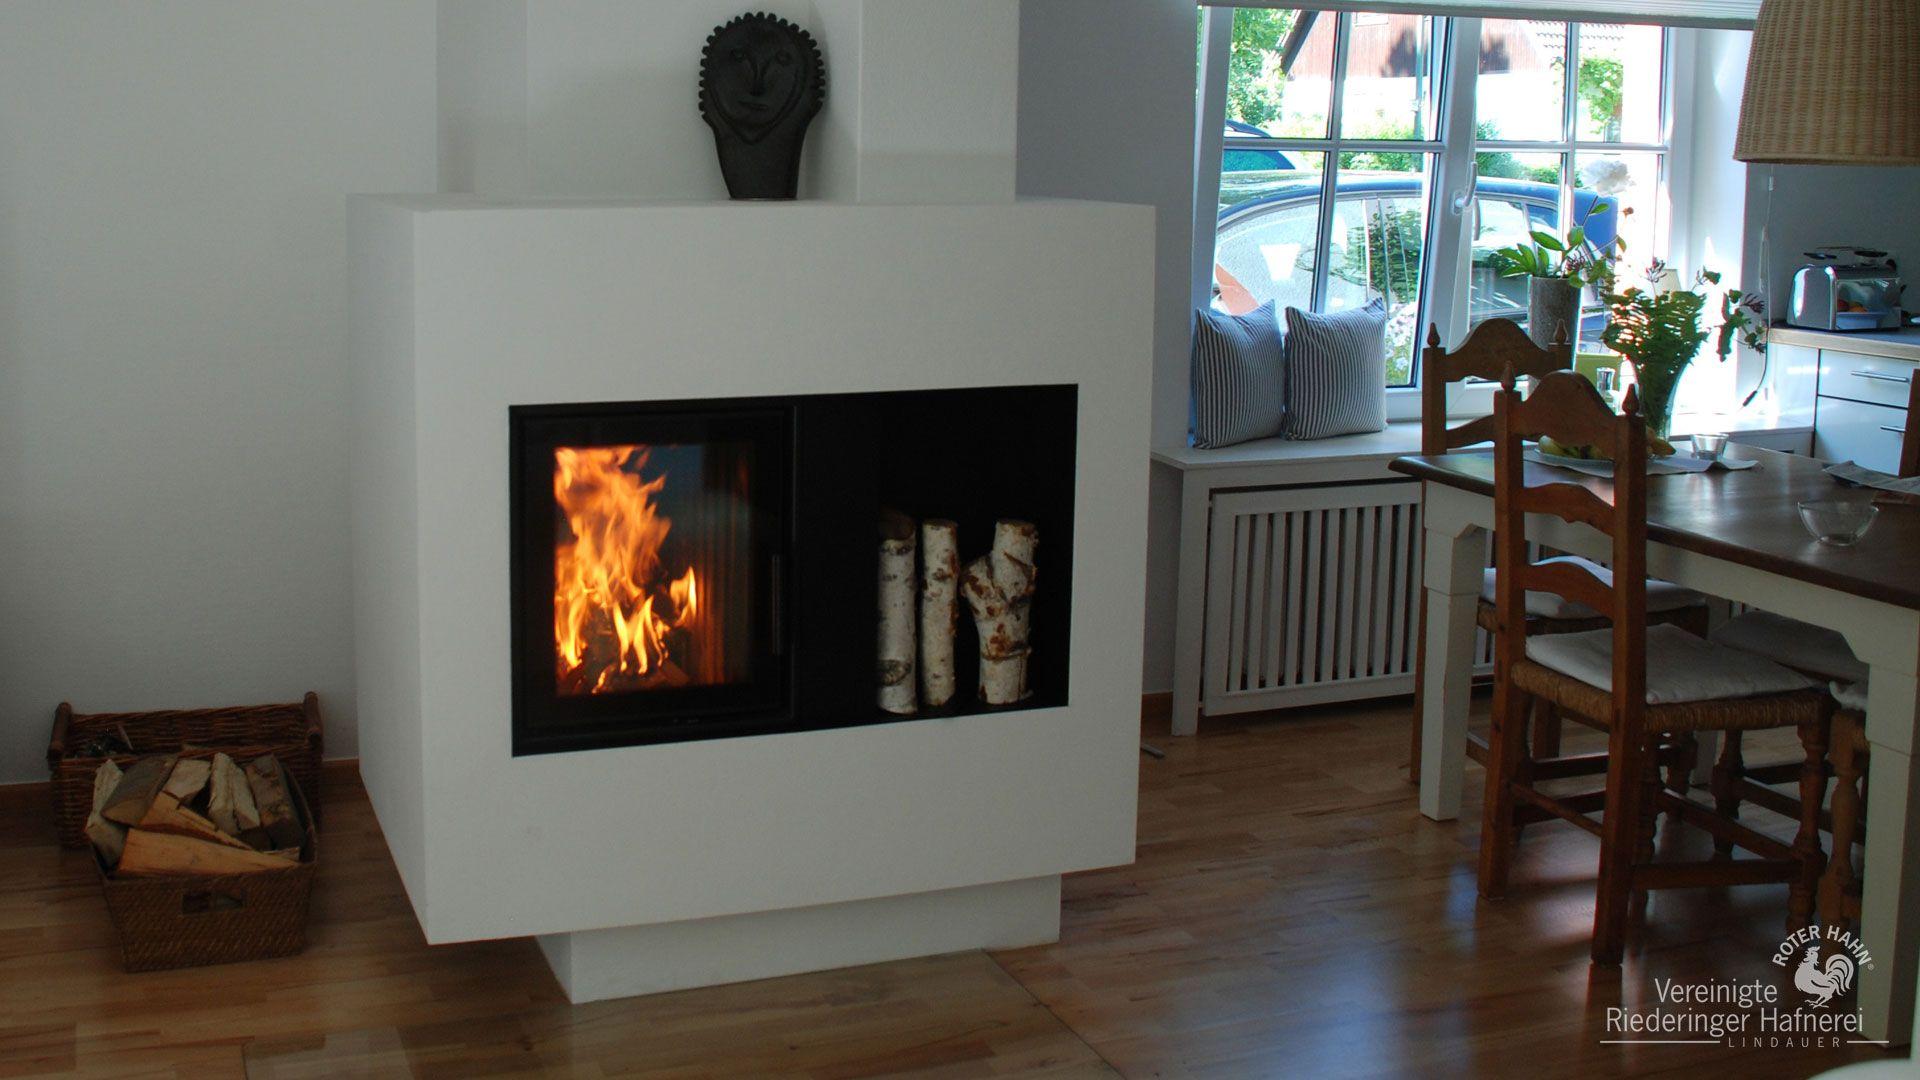 moderne kachel fen wasserf hrend gro e scheiben ver riederinger hafnerei wohnen. Black Bedroom Furniture Sets. Home Design Ideas